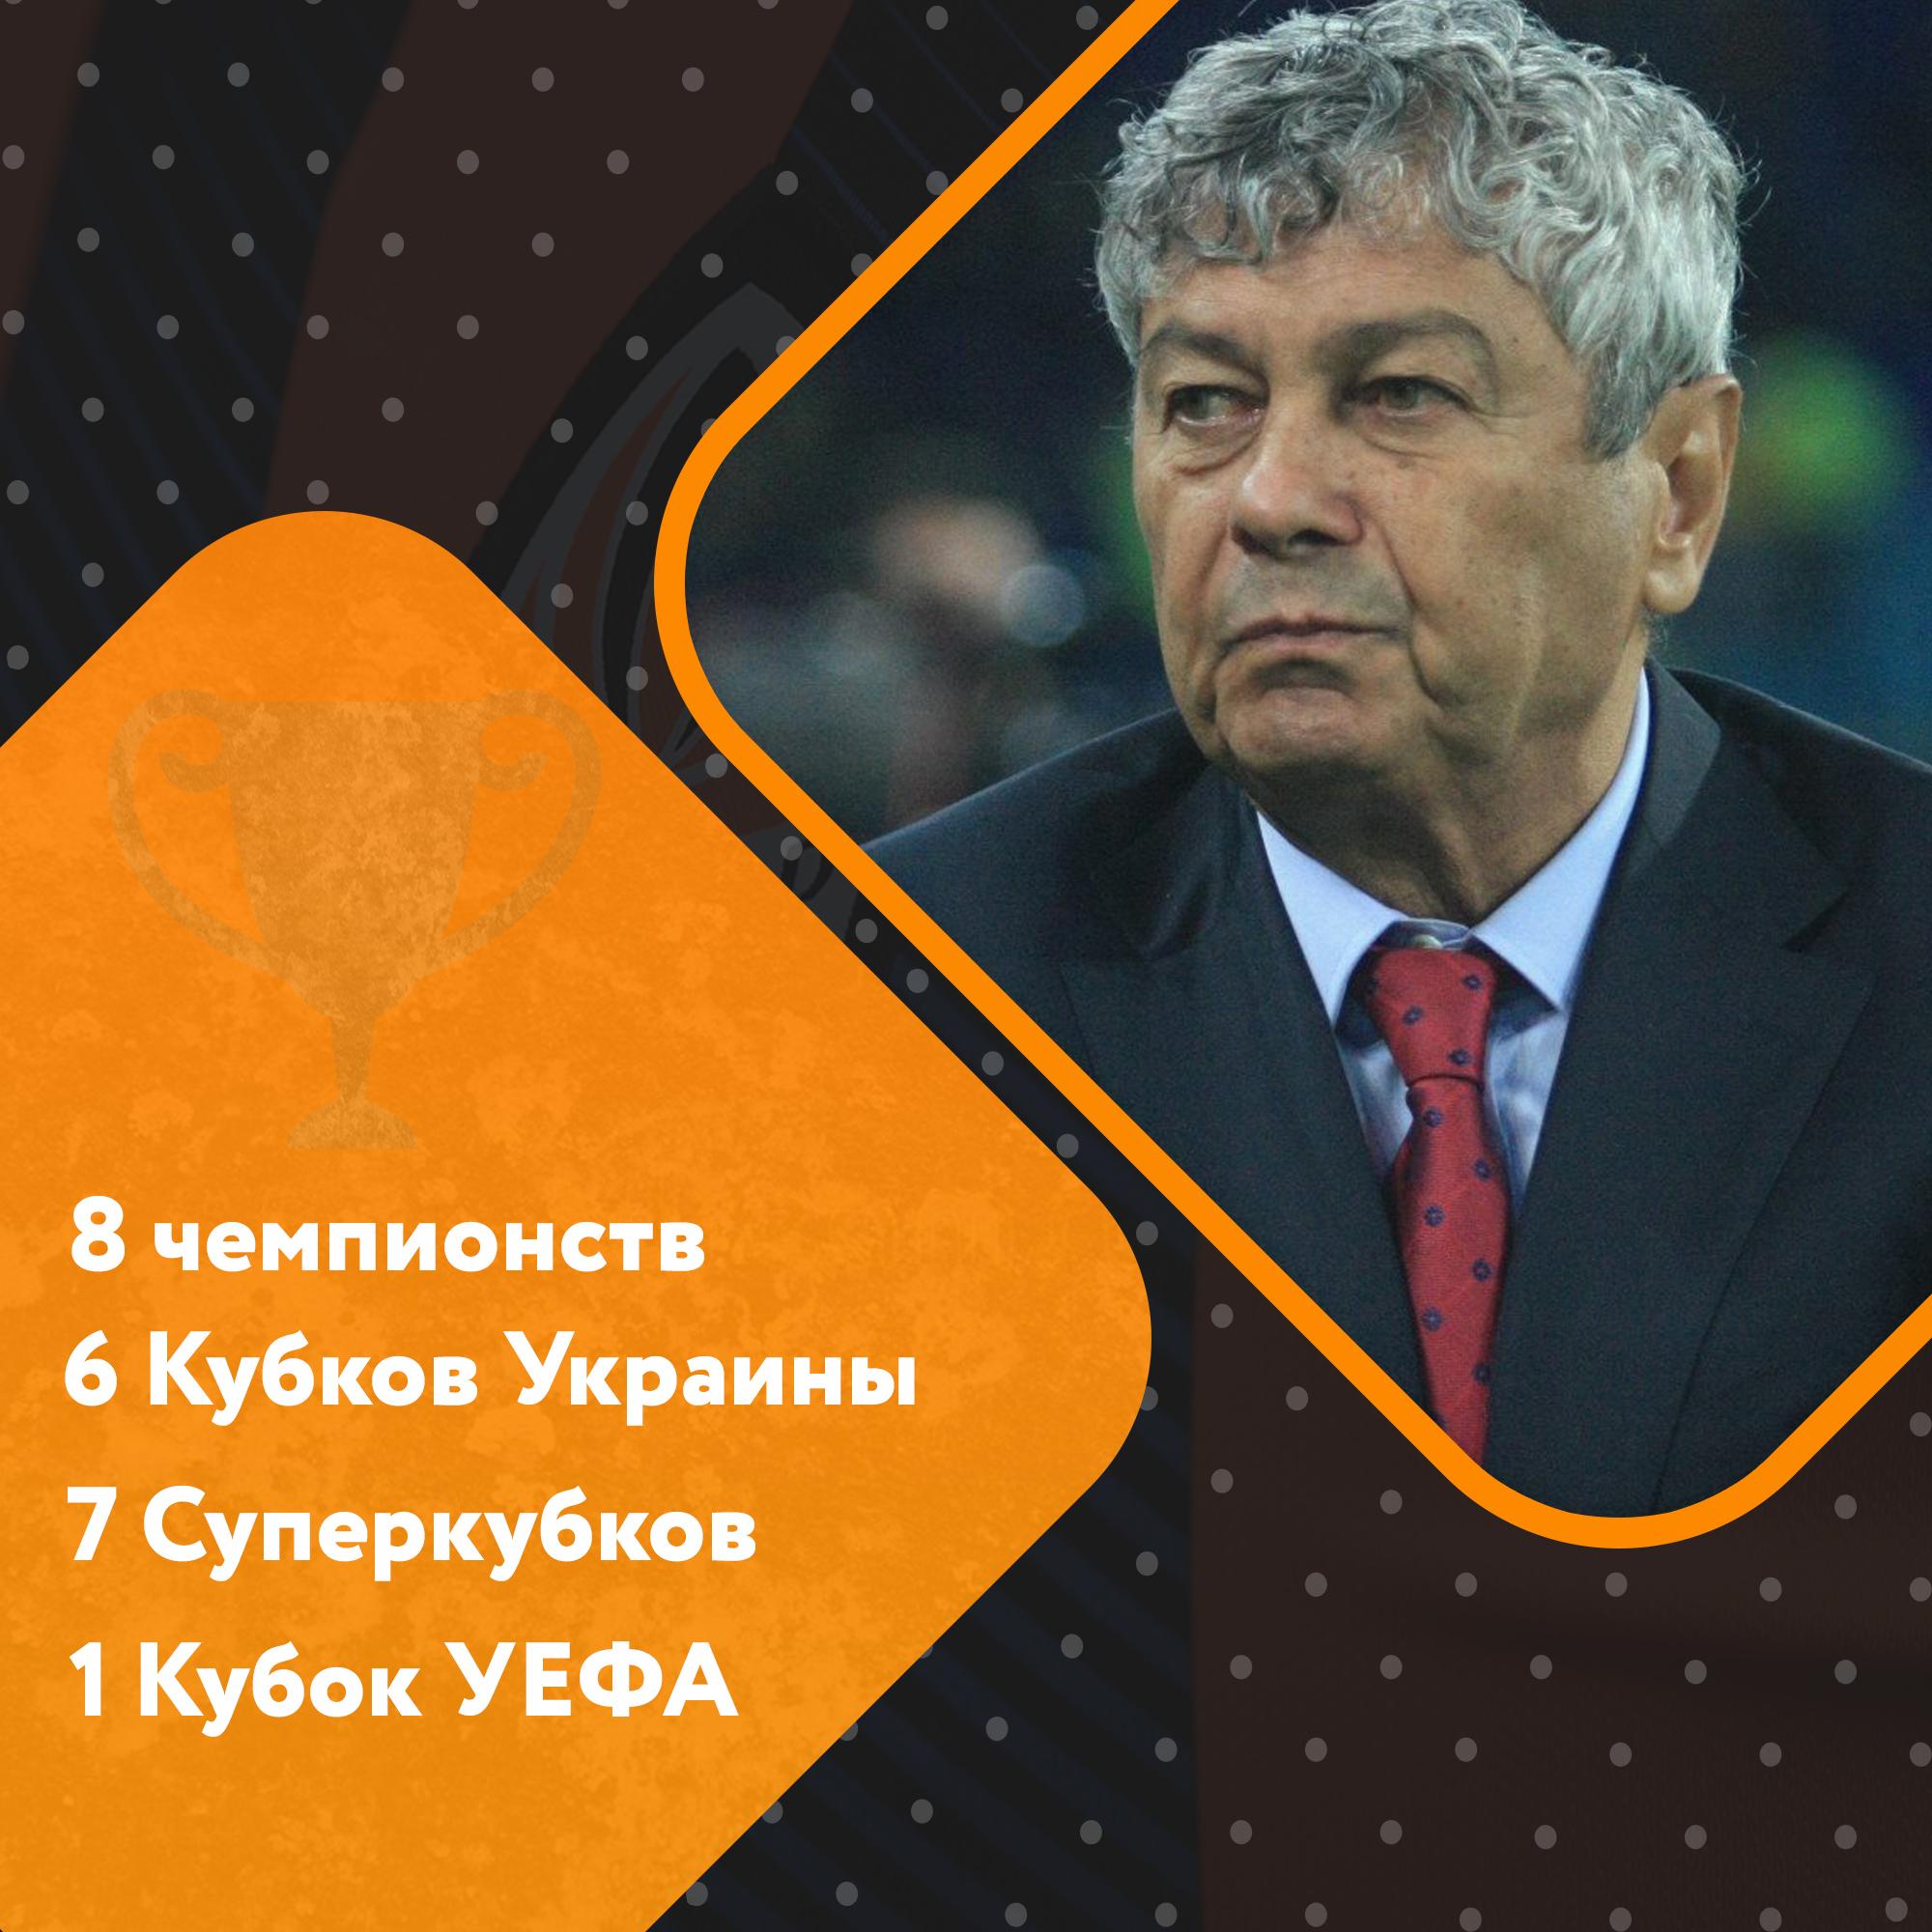 Тренеры «Шахтера» и «Динамо» за последние 15 лет: 29:17 - изображение 1